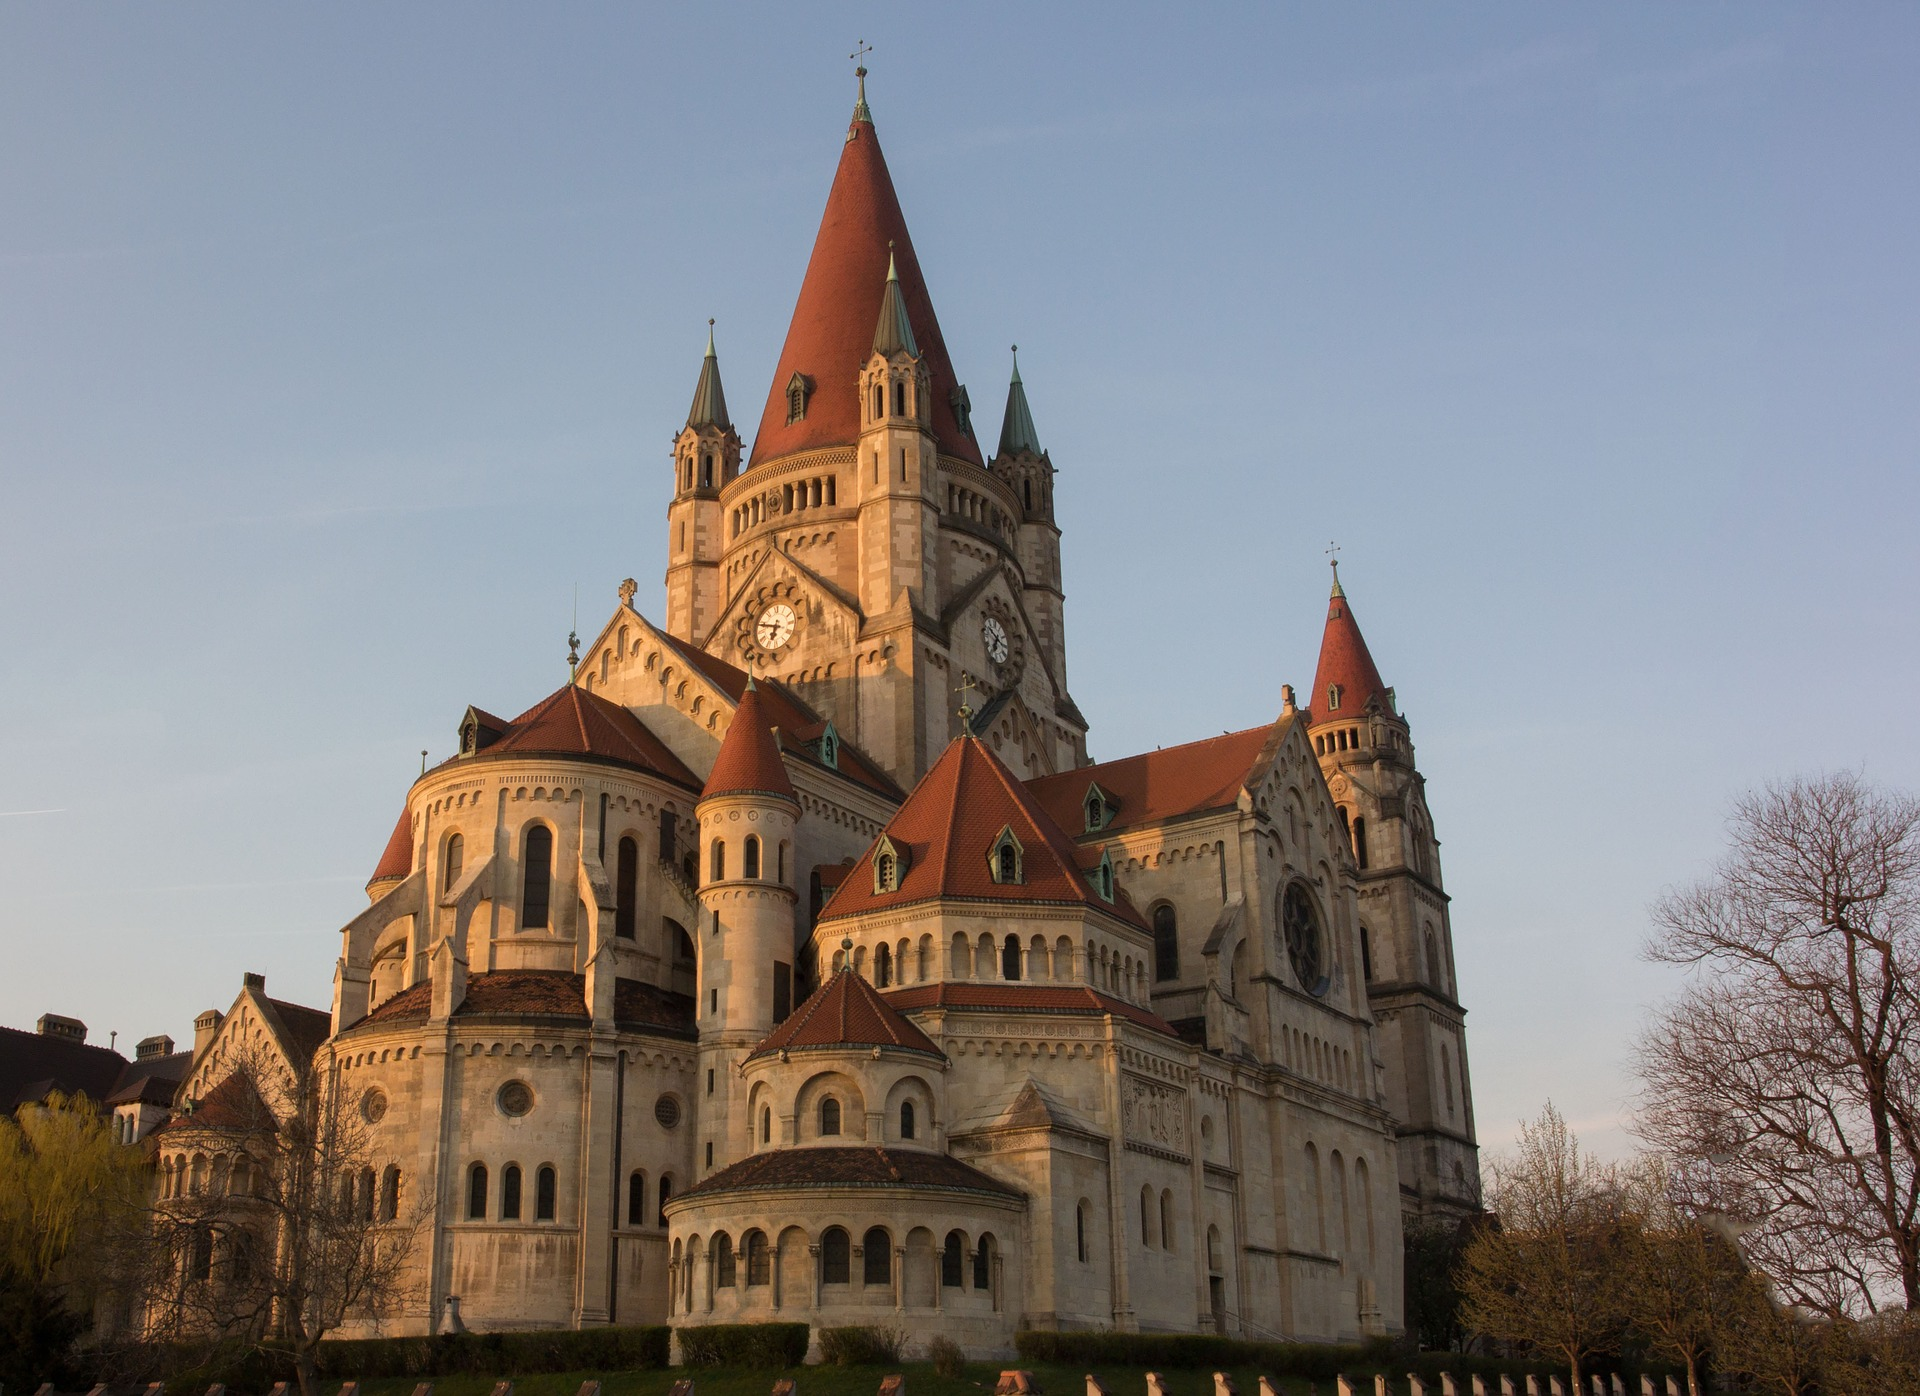 Städtereise Wien freut euch auf eine schönen Urlaub